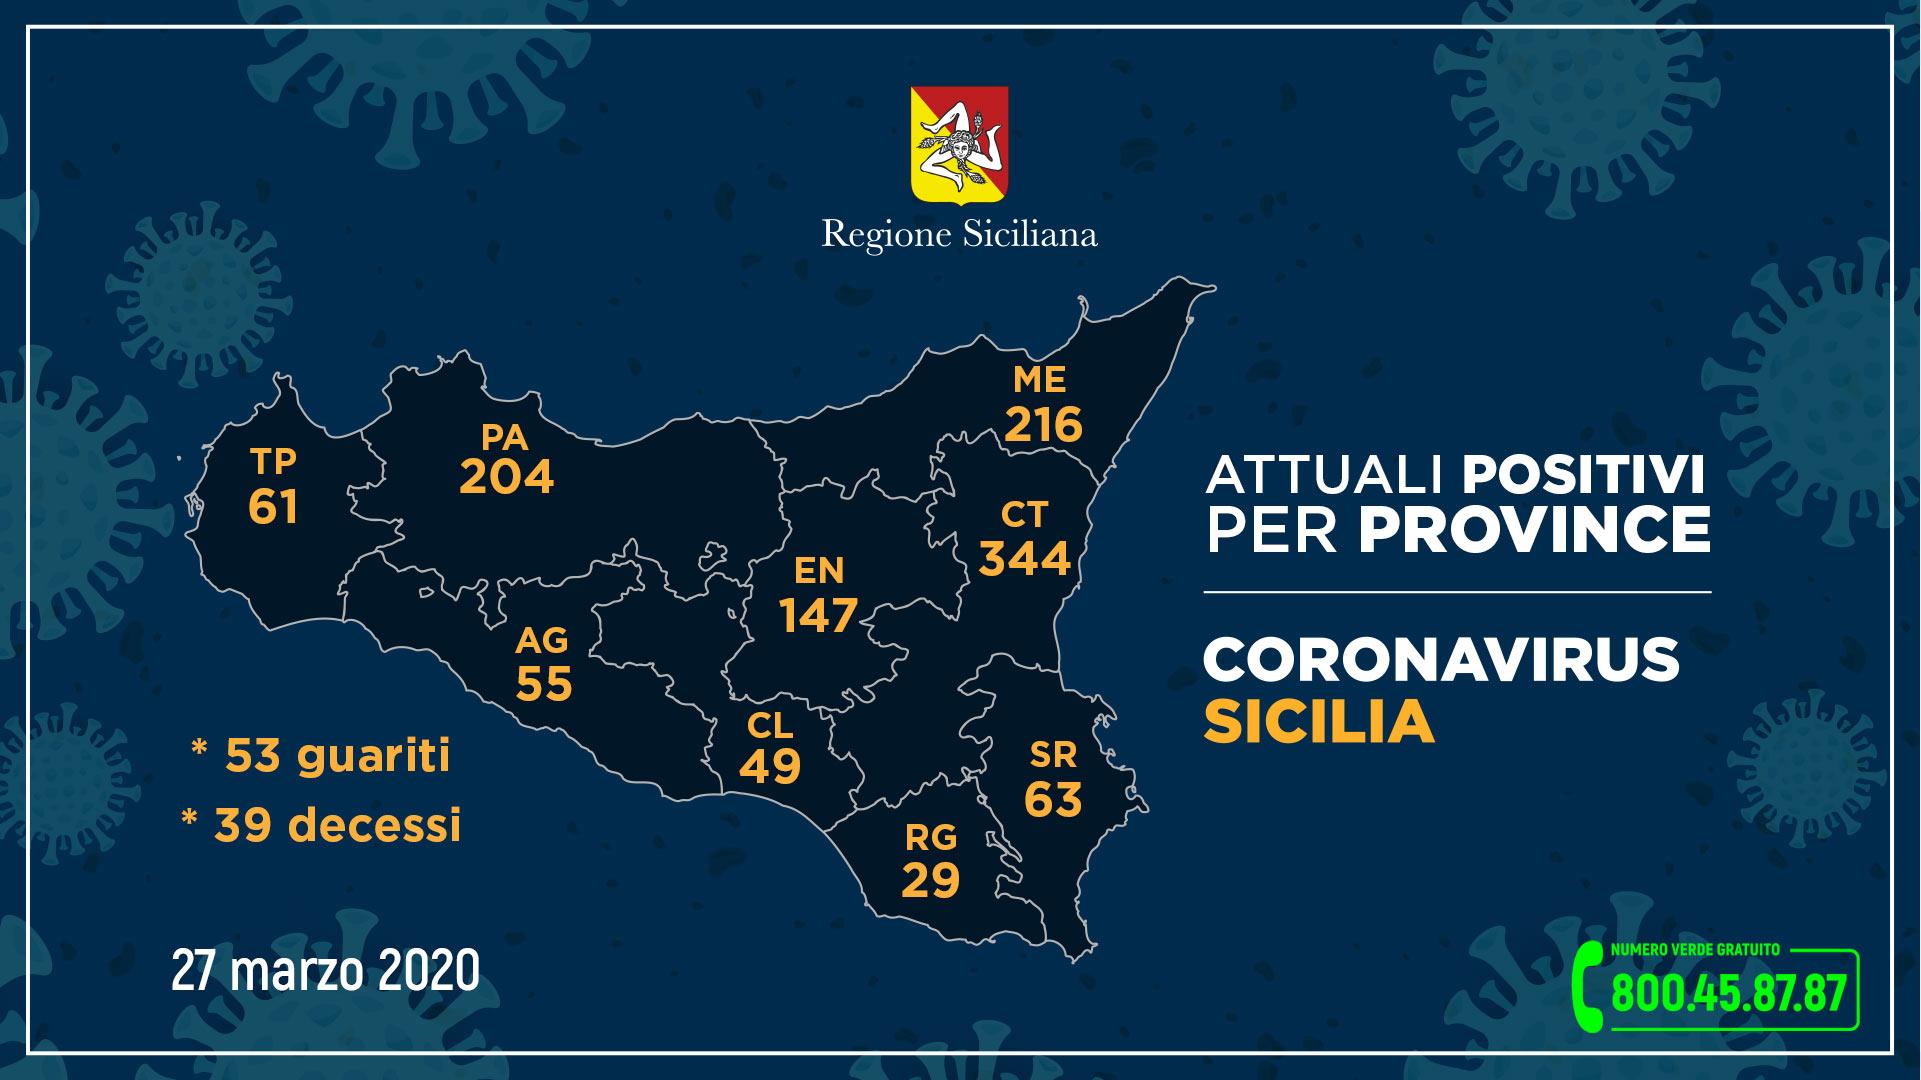 coronavirus sicilia venerdì 27 marzo 2020 (1)